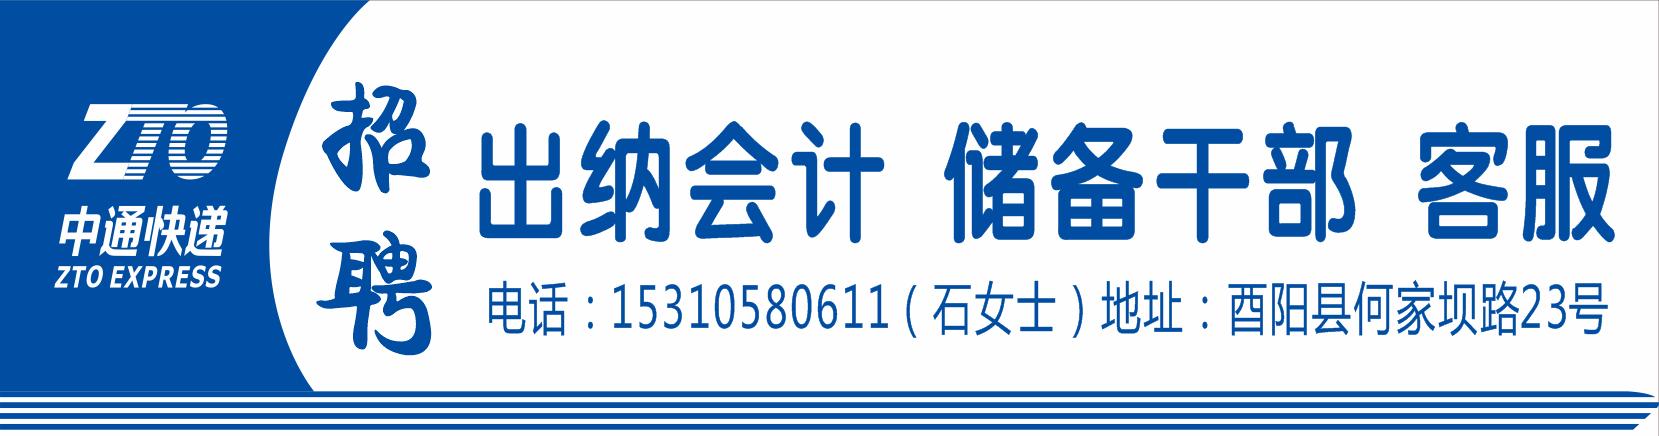 重慶市酉陽縣翔之運貨物倉儲有限責任公司